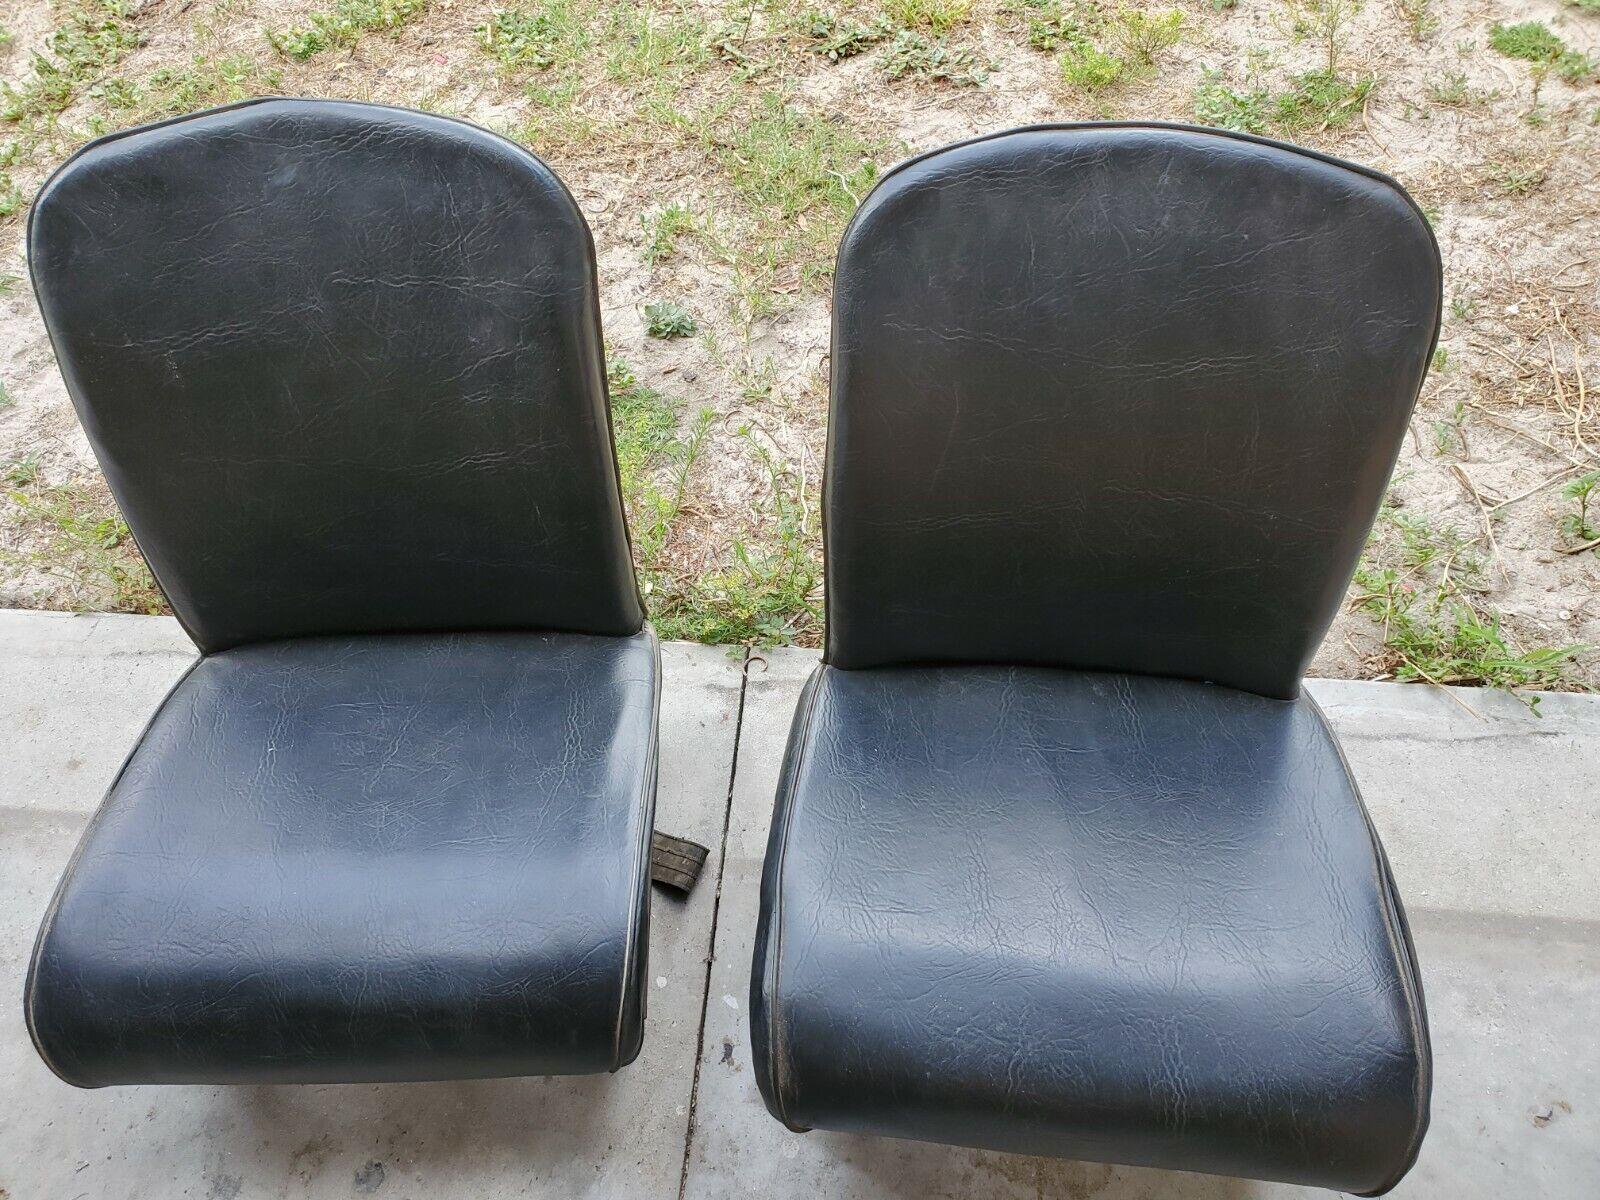 Vintage 1958 fiat 500 nuova seats